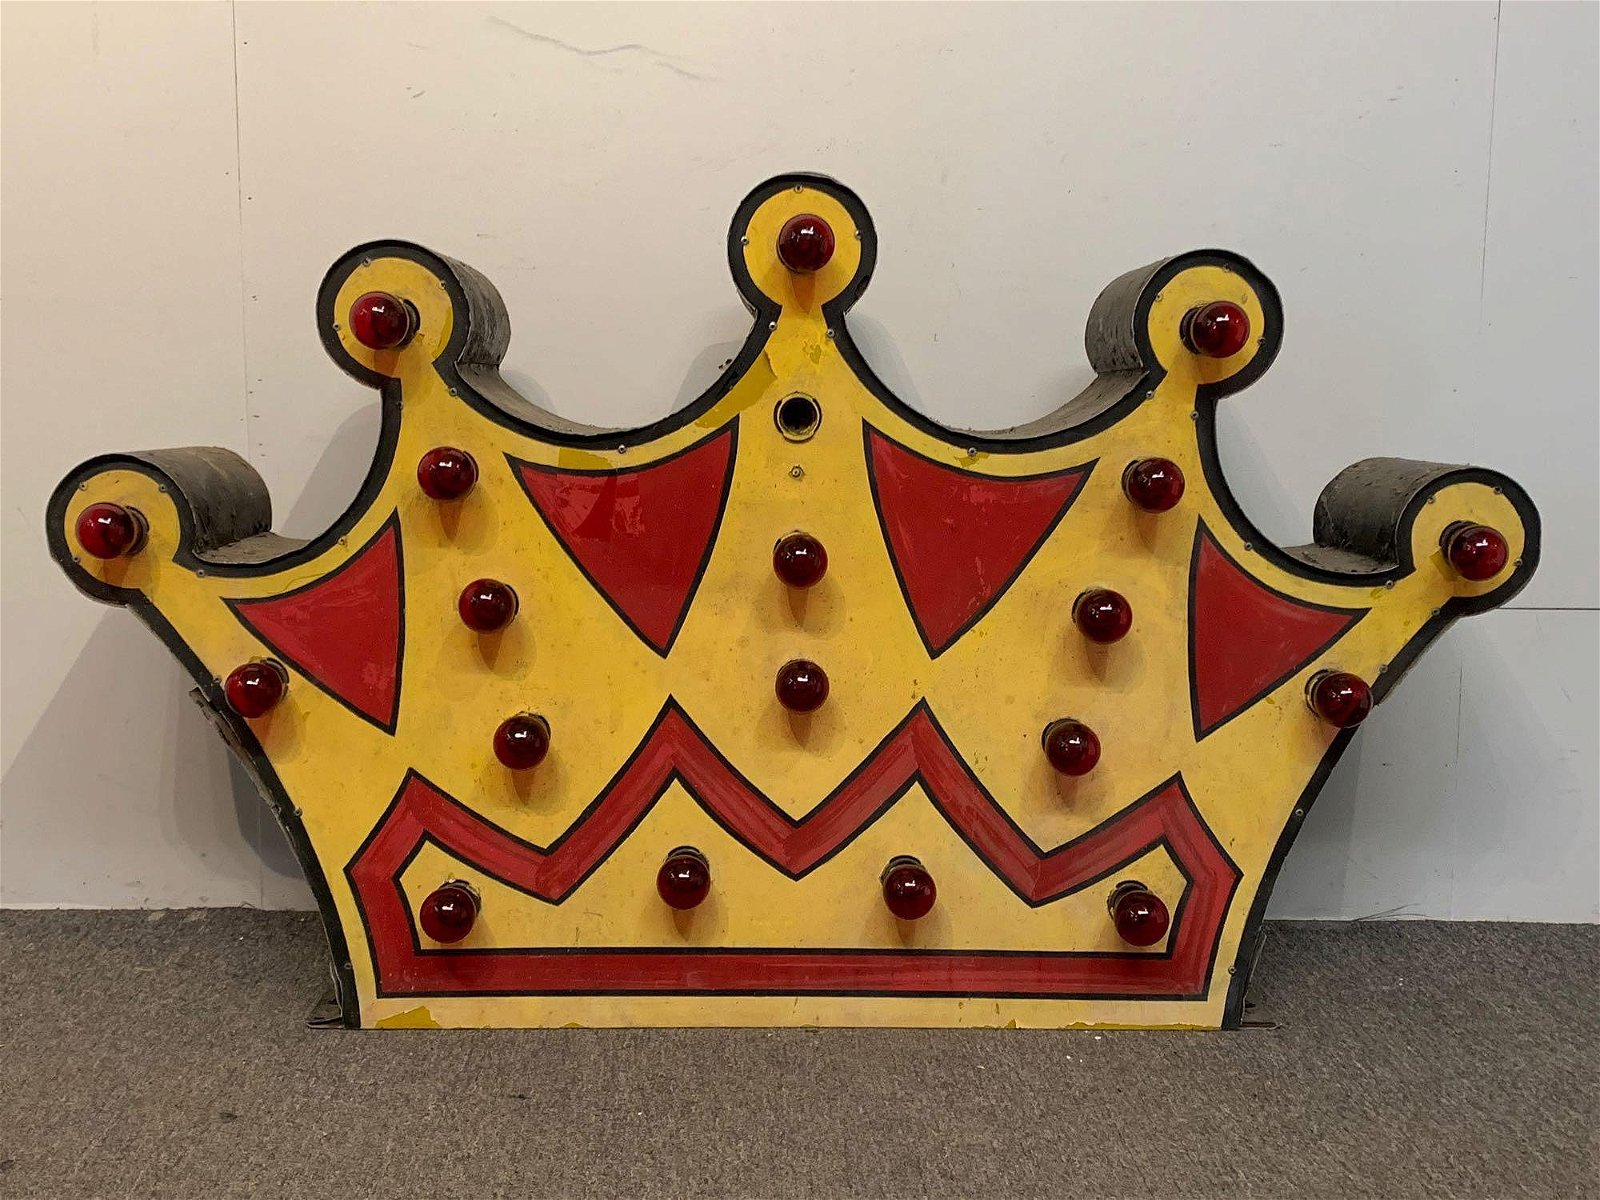 Painted Metal Crown Best Western Sign